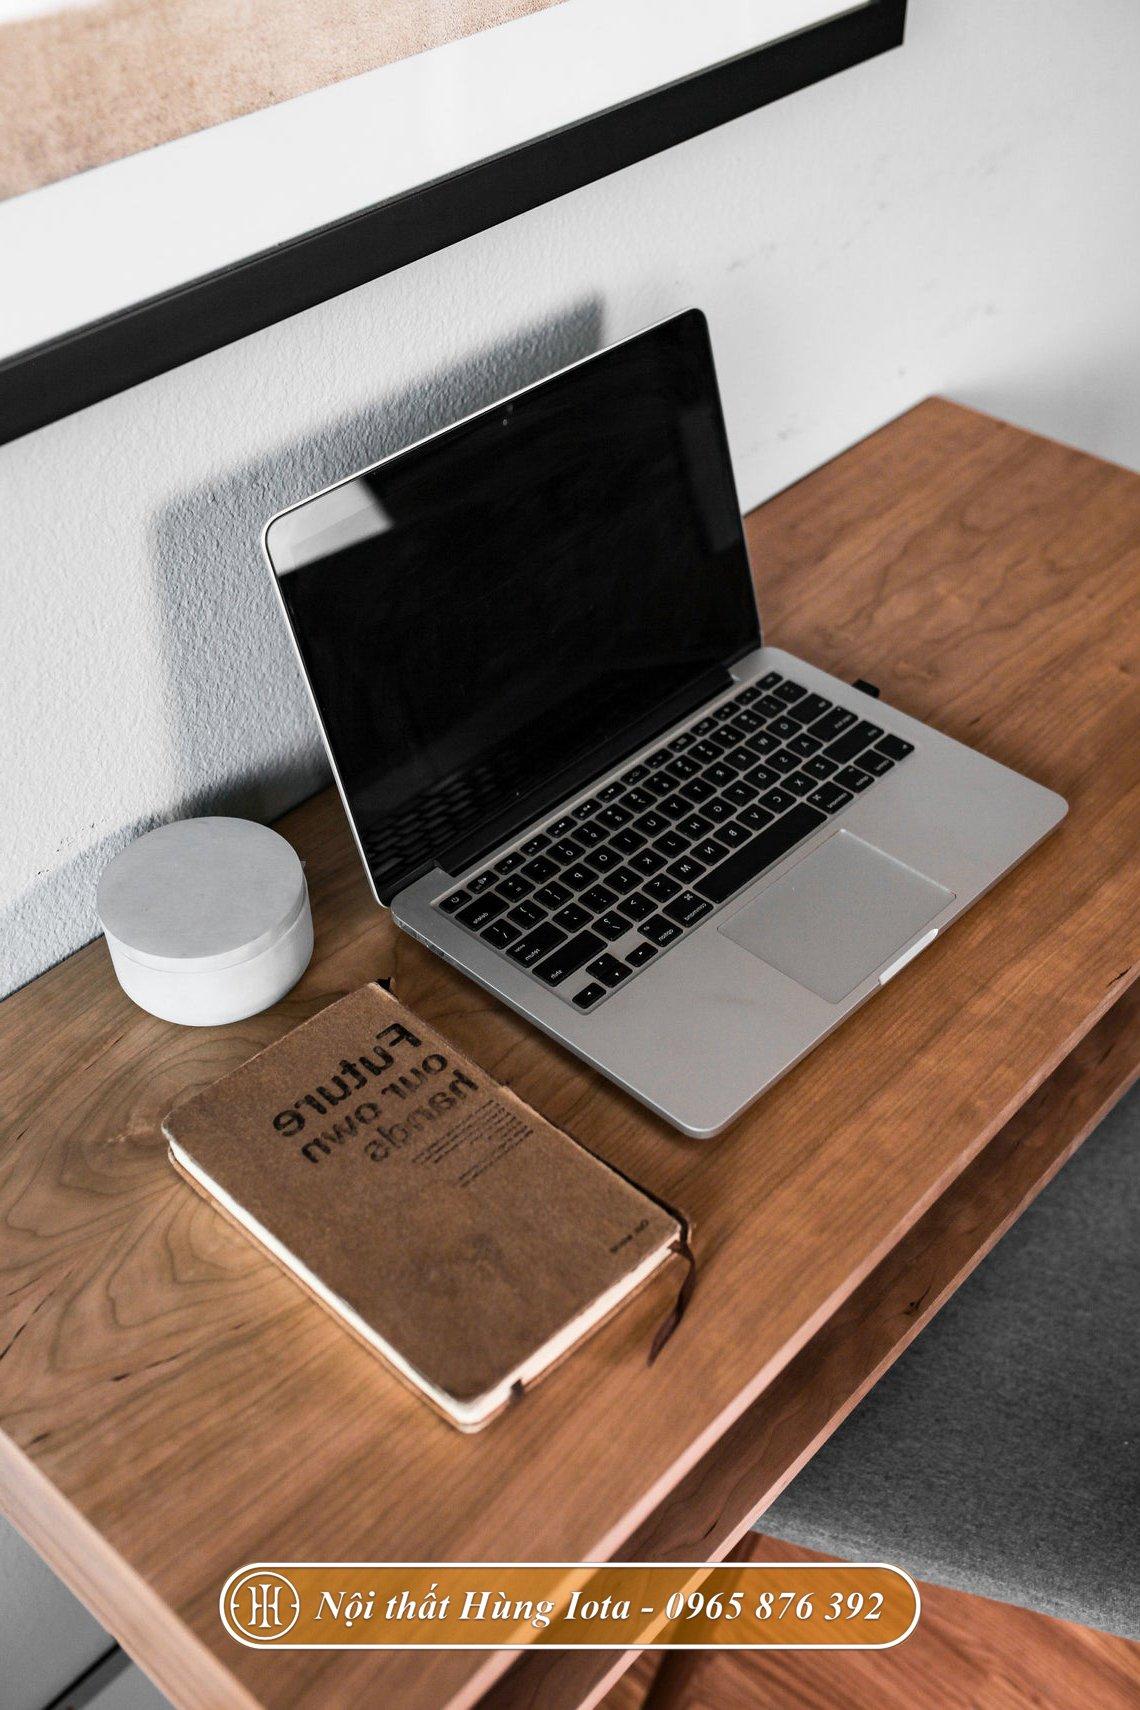 Bàn để máy tính laptop làm việc tại nhà gỗ sồi cao cấp